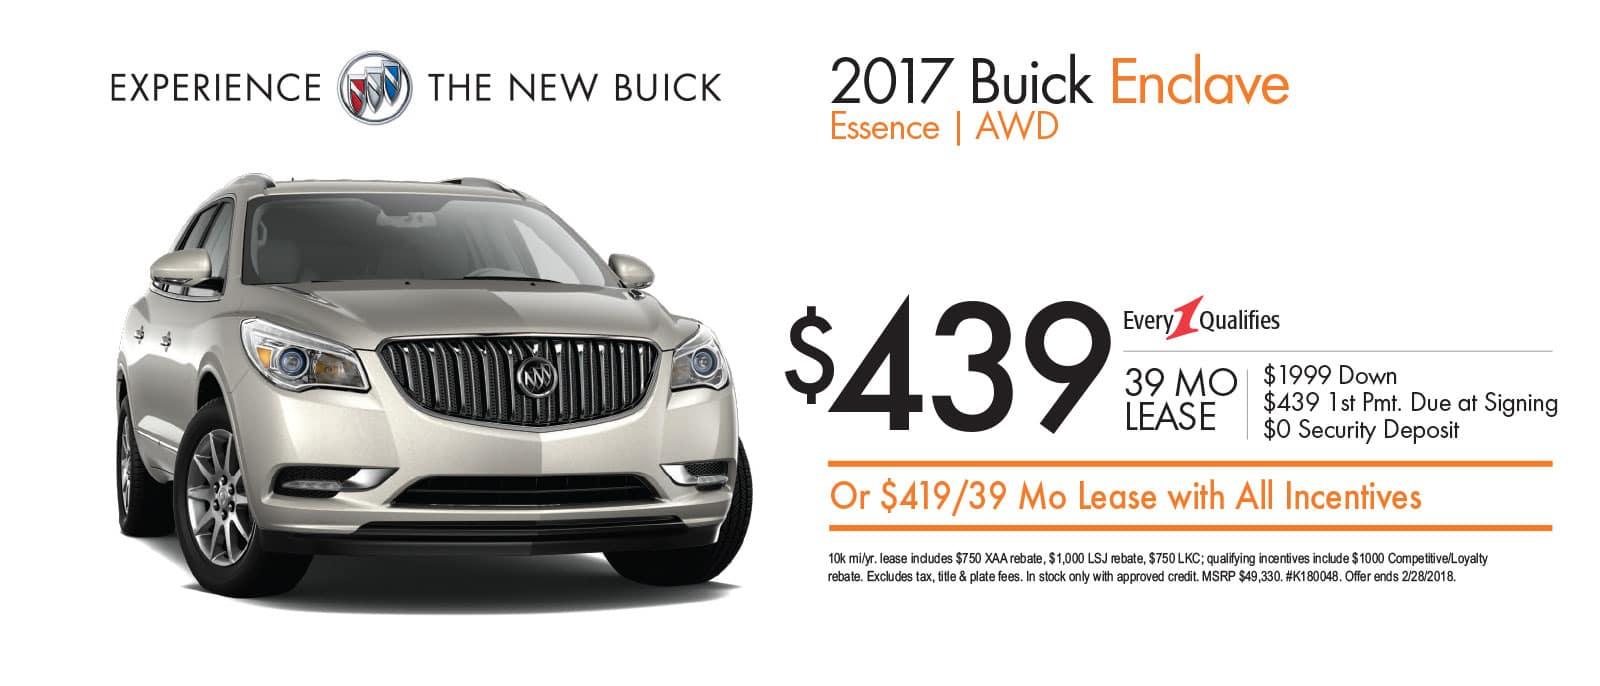 2017 Buick